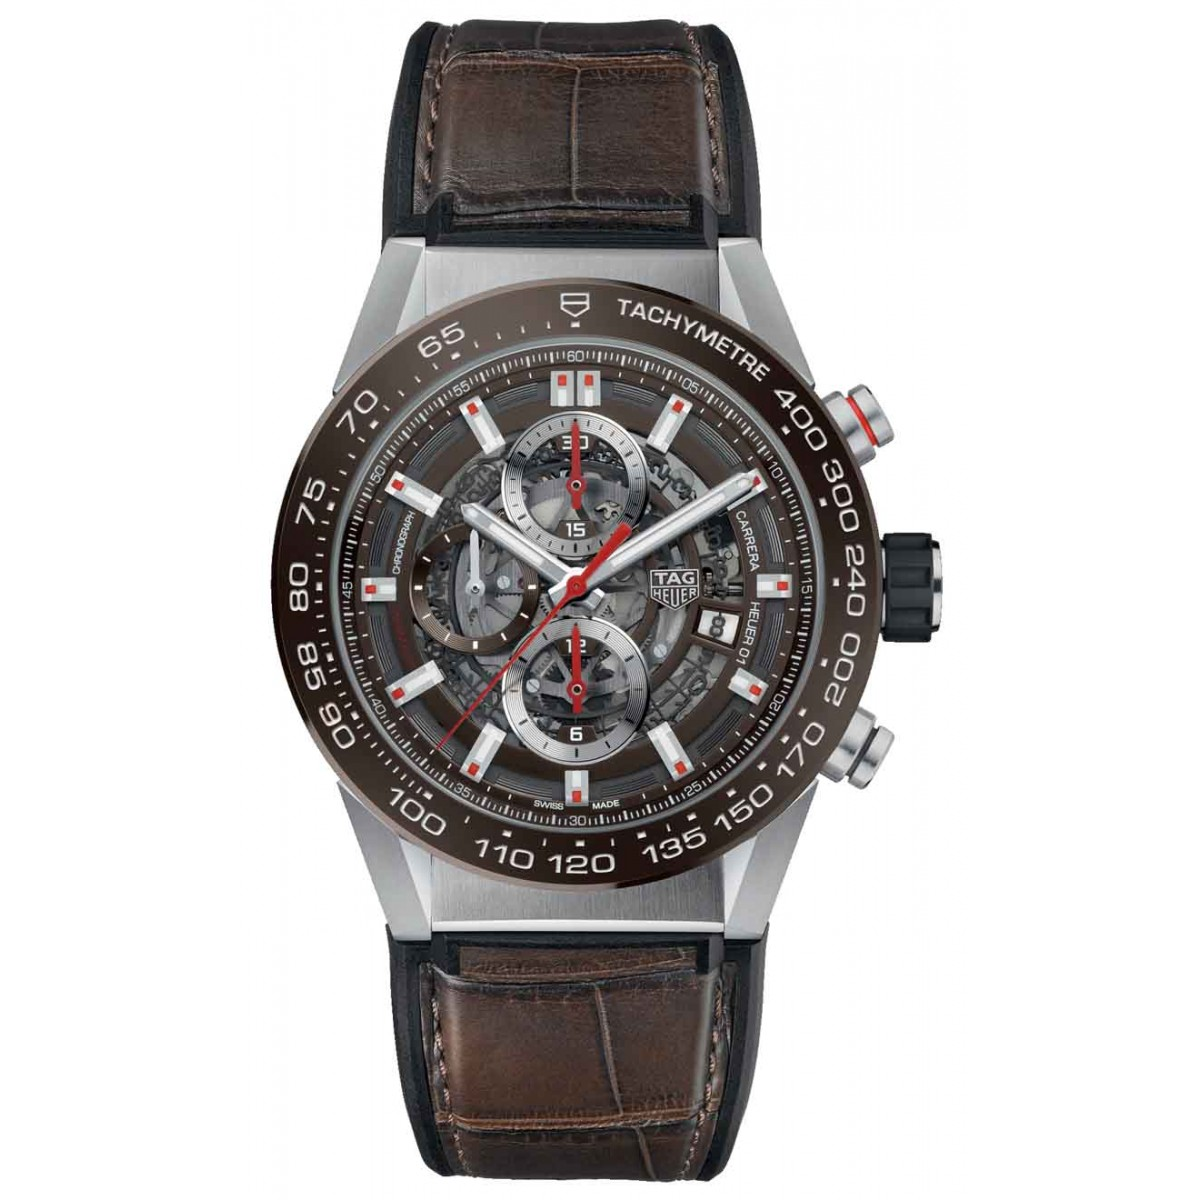 TAG HEUER CARRERA Calibre Heuer 01 Reloj automático 100 M - ∅43 mm, Esfera Marrón, Correa Piel